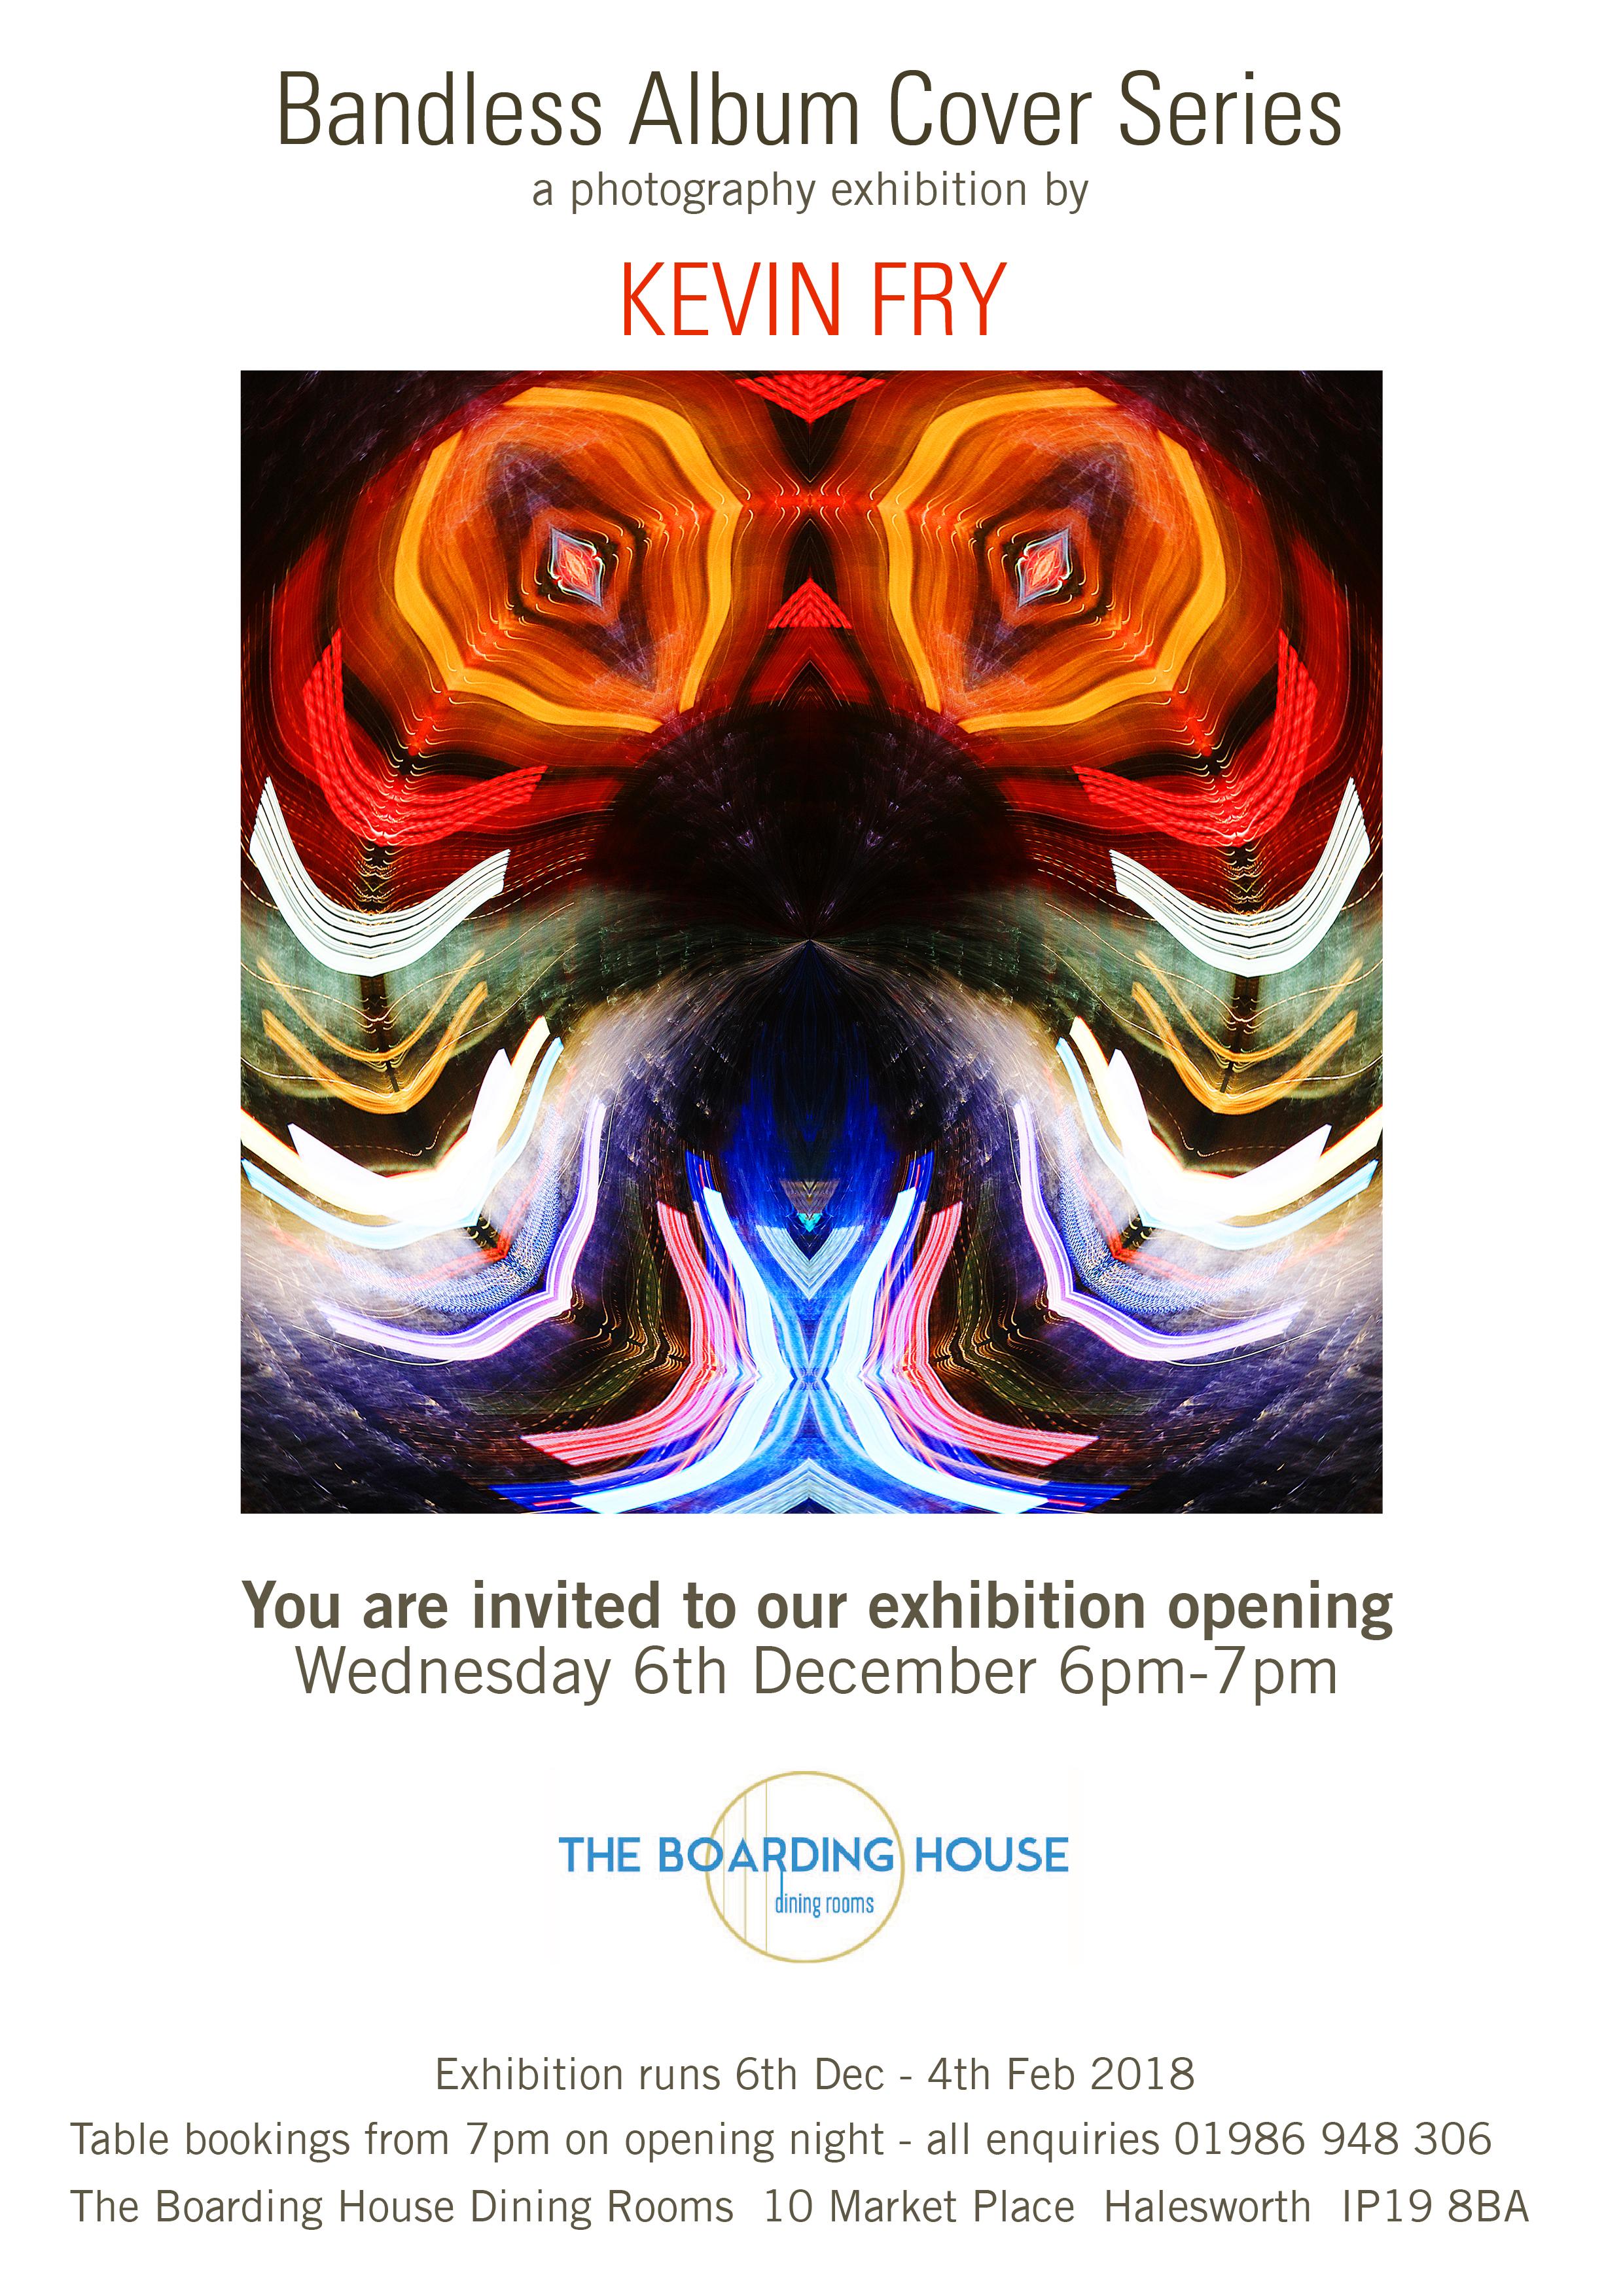 Kevin Exhibition Invite